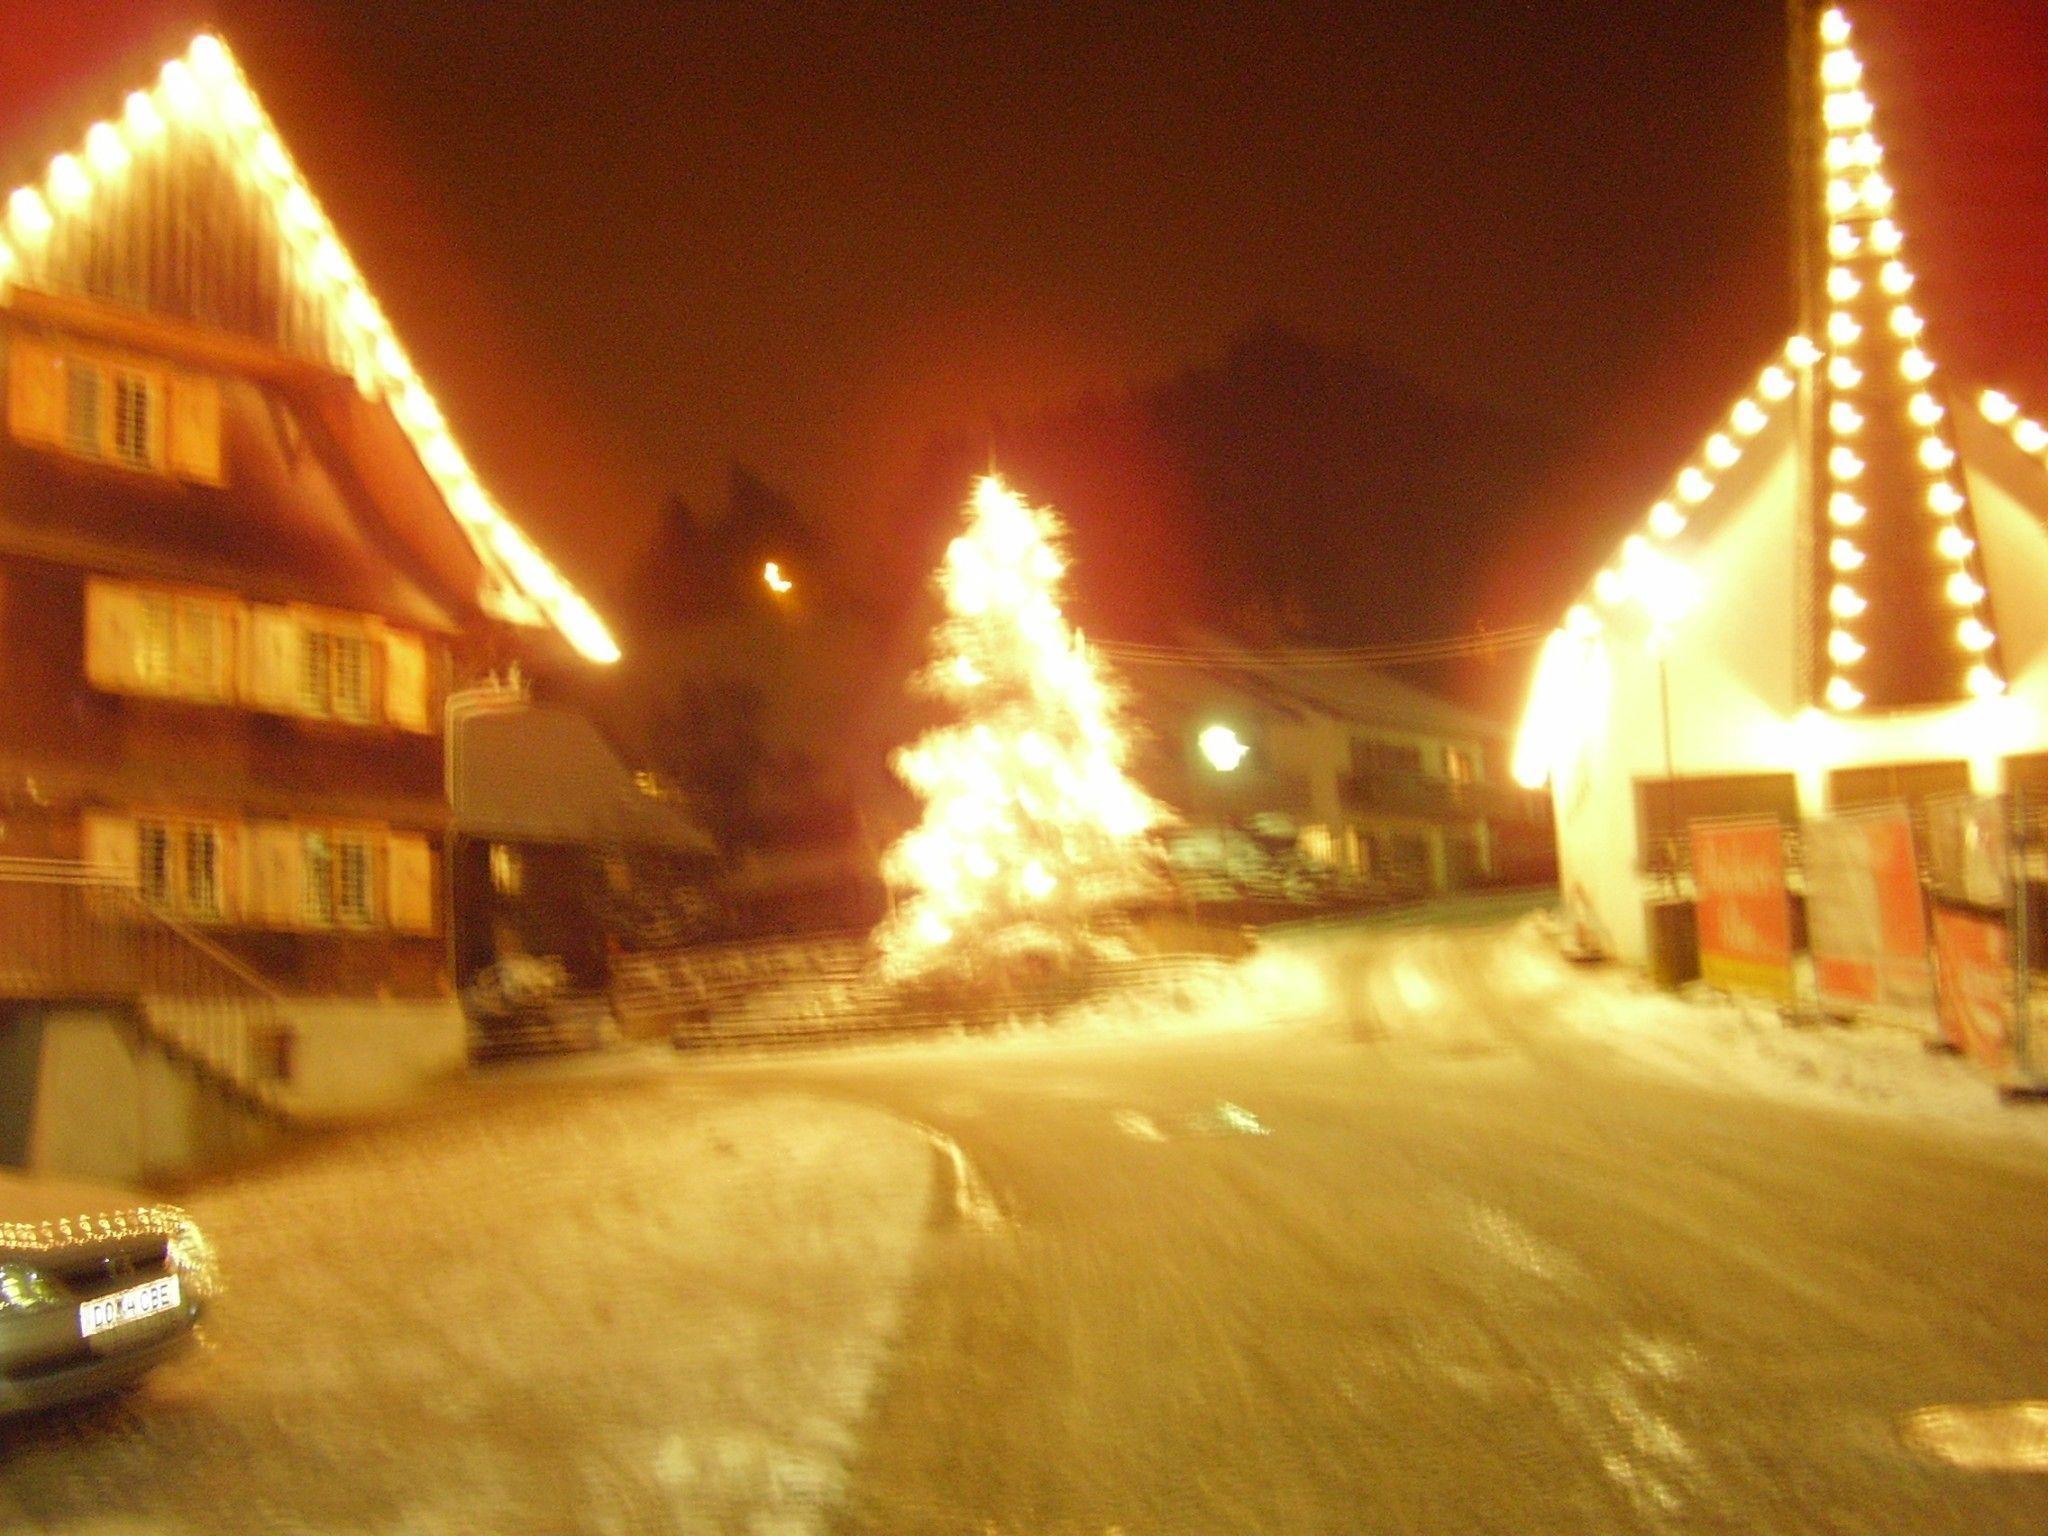 Am Dorfplatz in Mühlebach